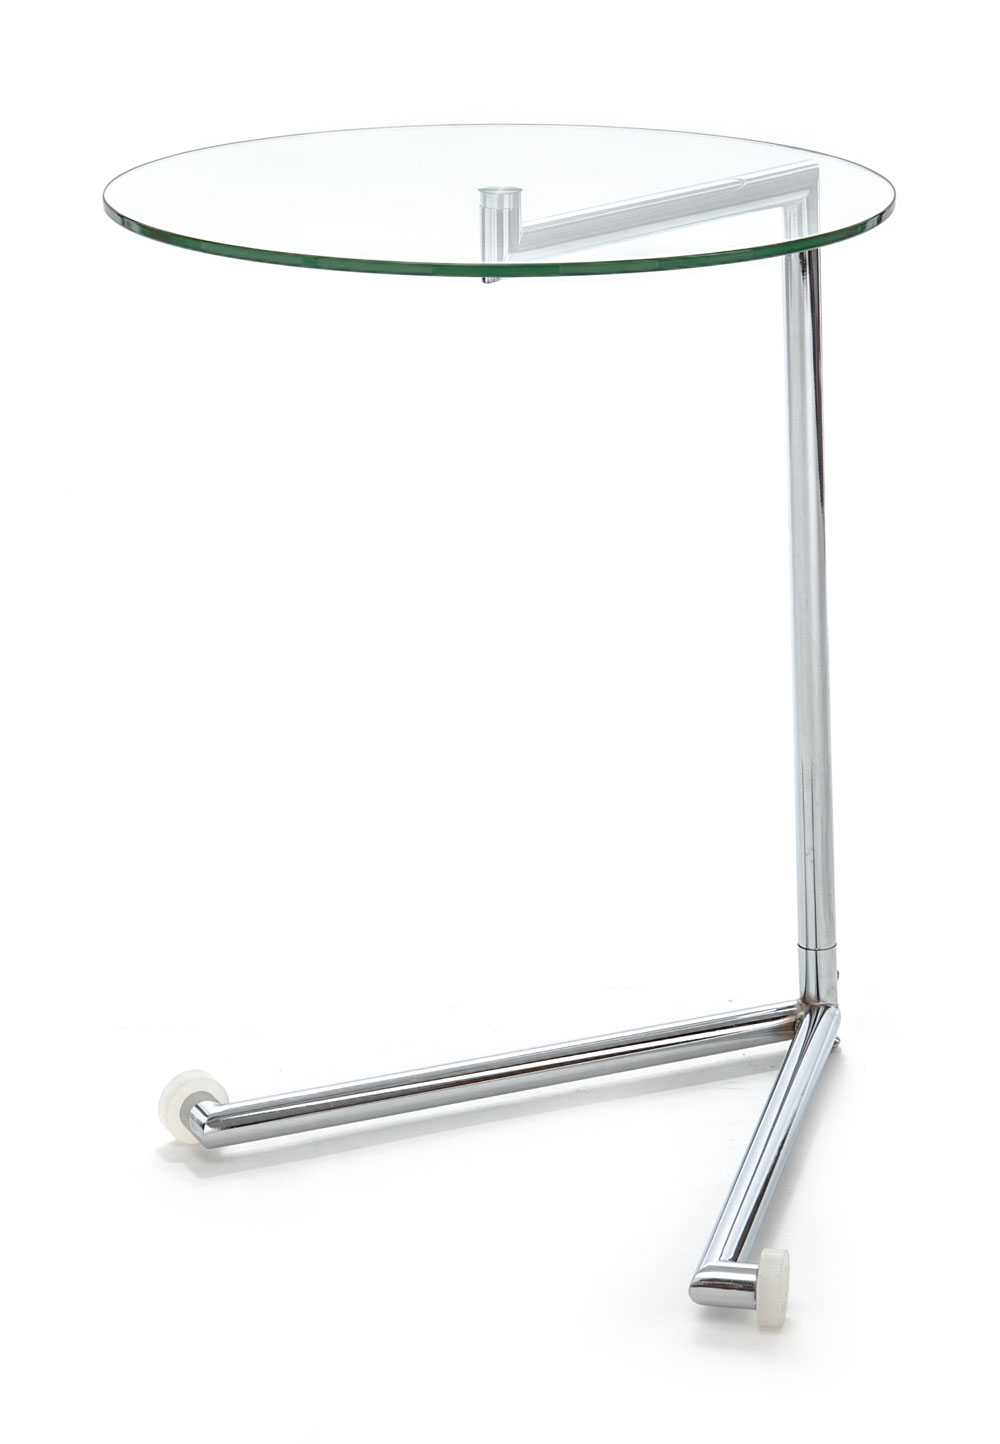 Tavolino Con Le Ruote.Tavolino Comodino Con Ruote In Vetro E Metallo